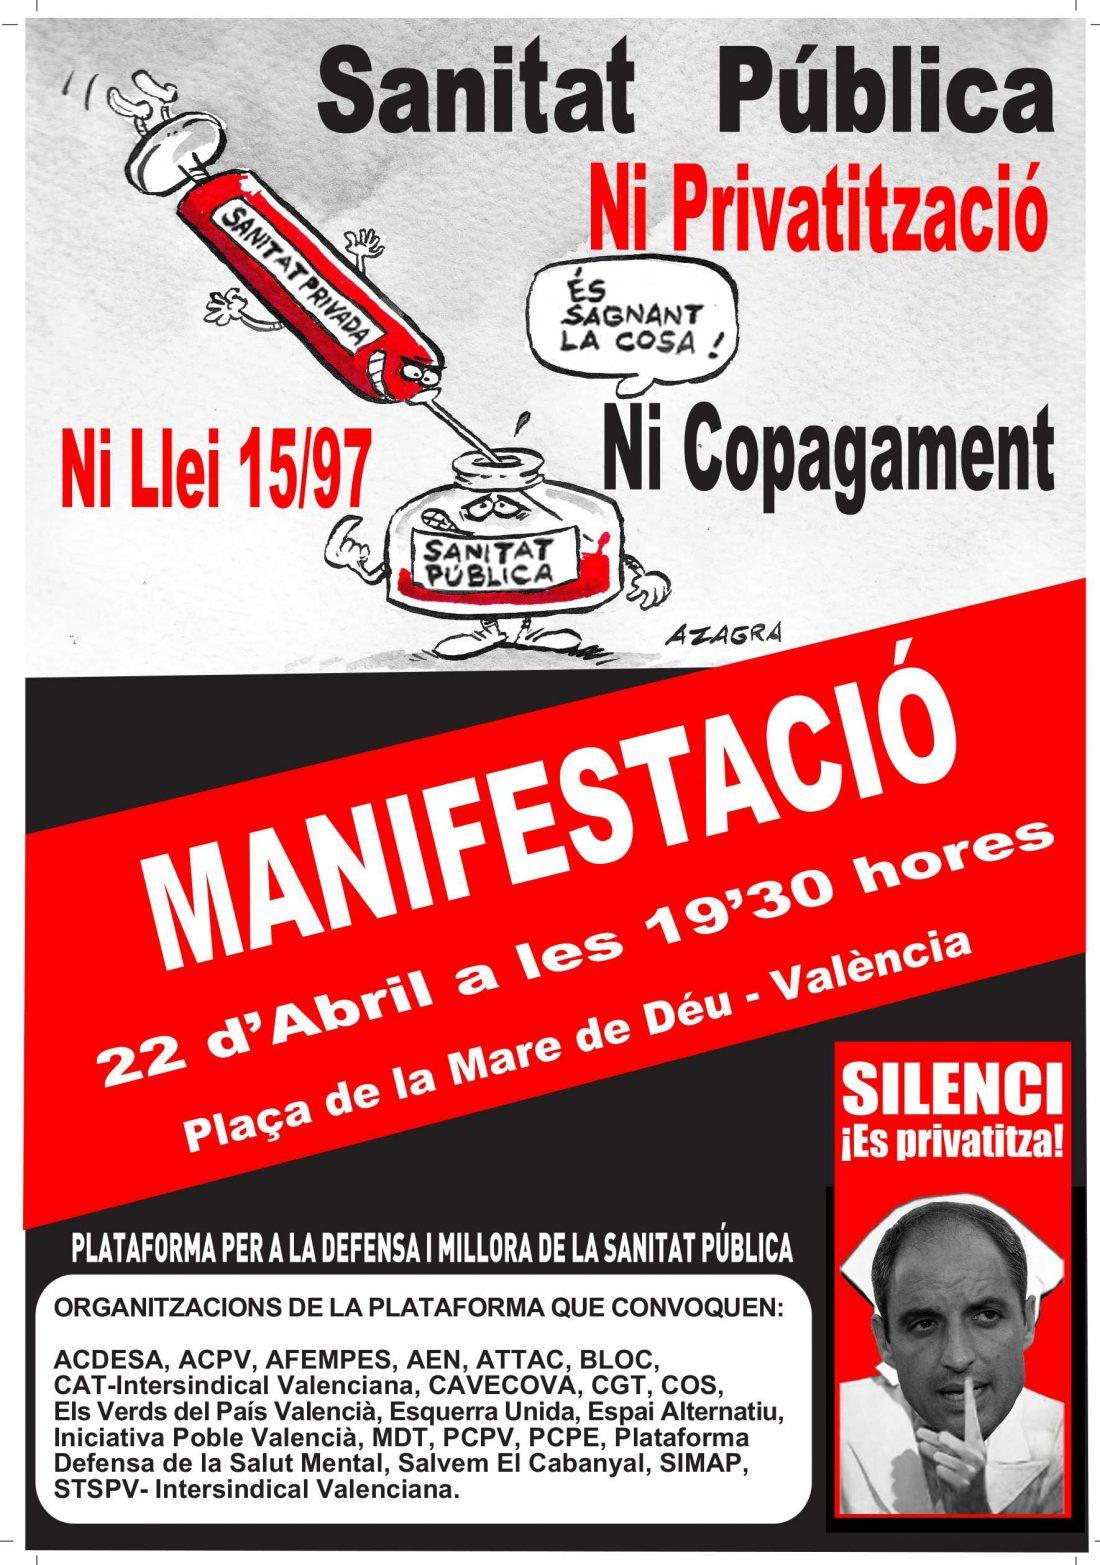 Valencia, 22 de Abril: Manifestación por la defensa y mejora de la sanidad pública